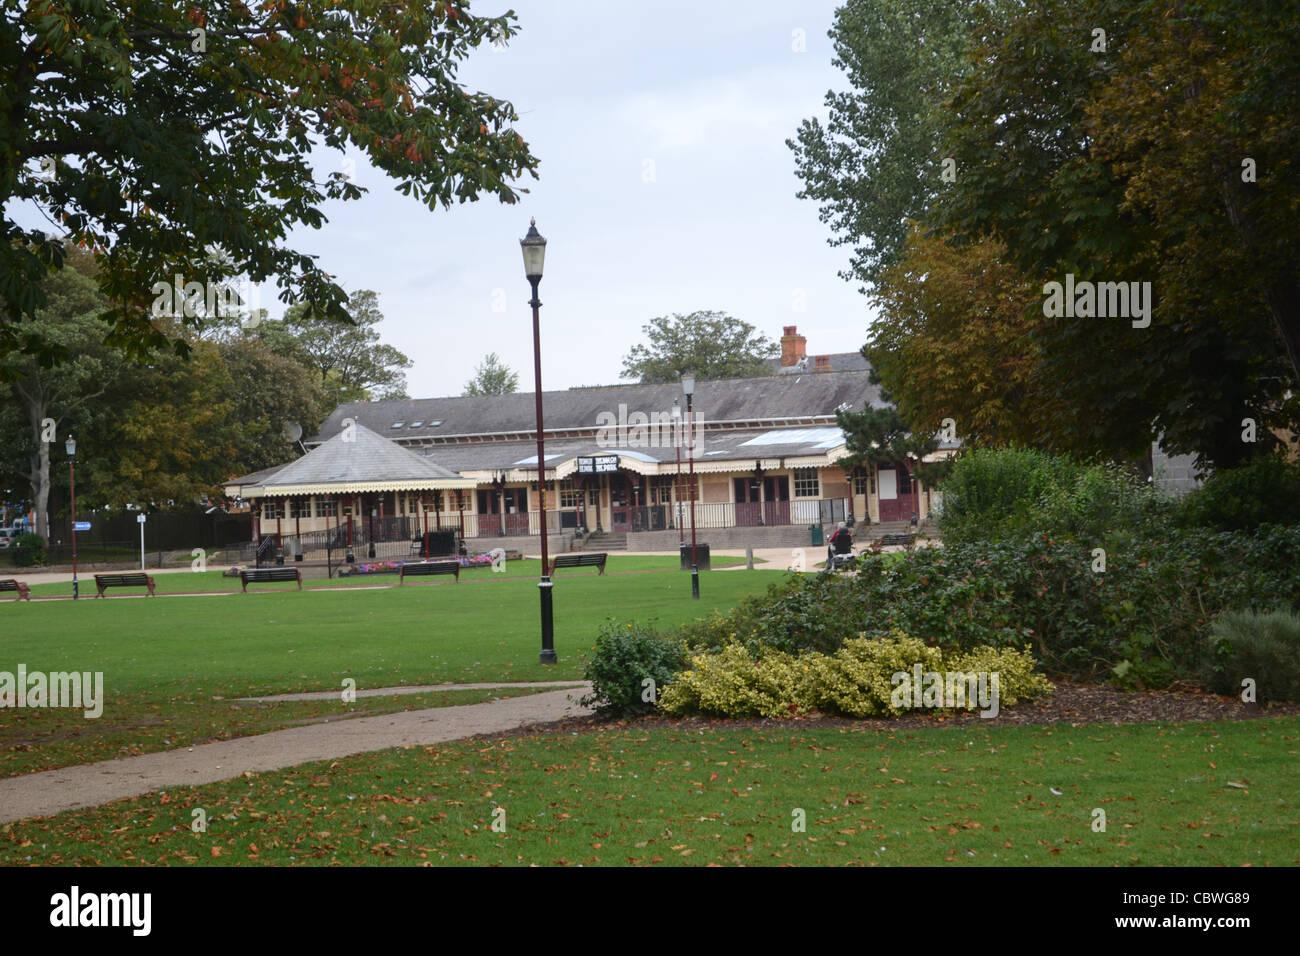 bandstand at skegness park - Stock Image